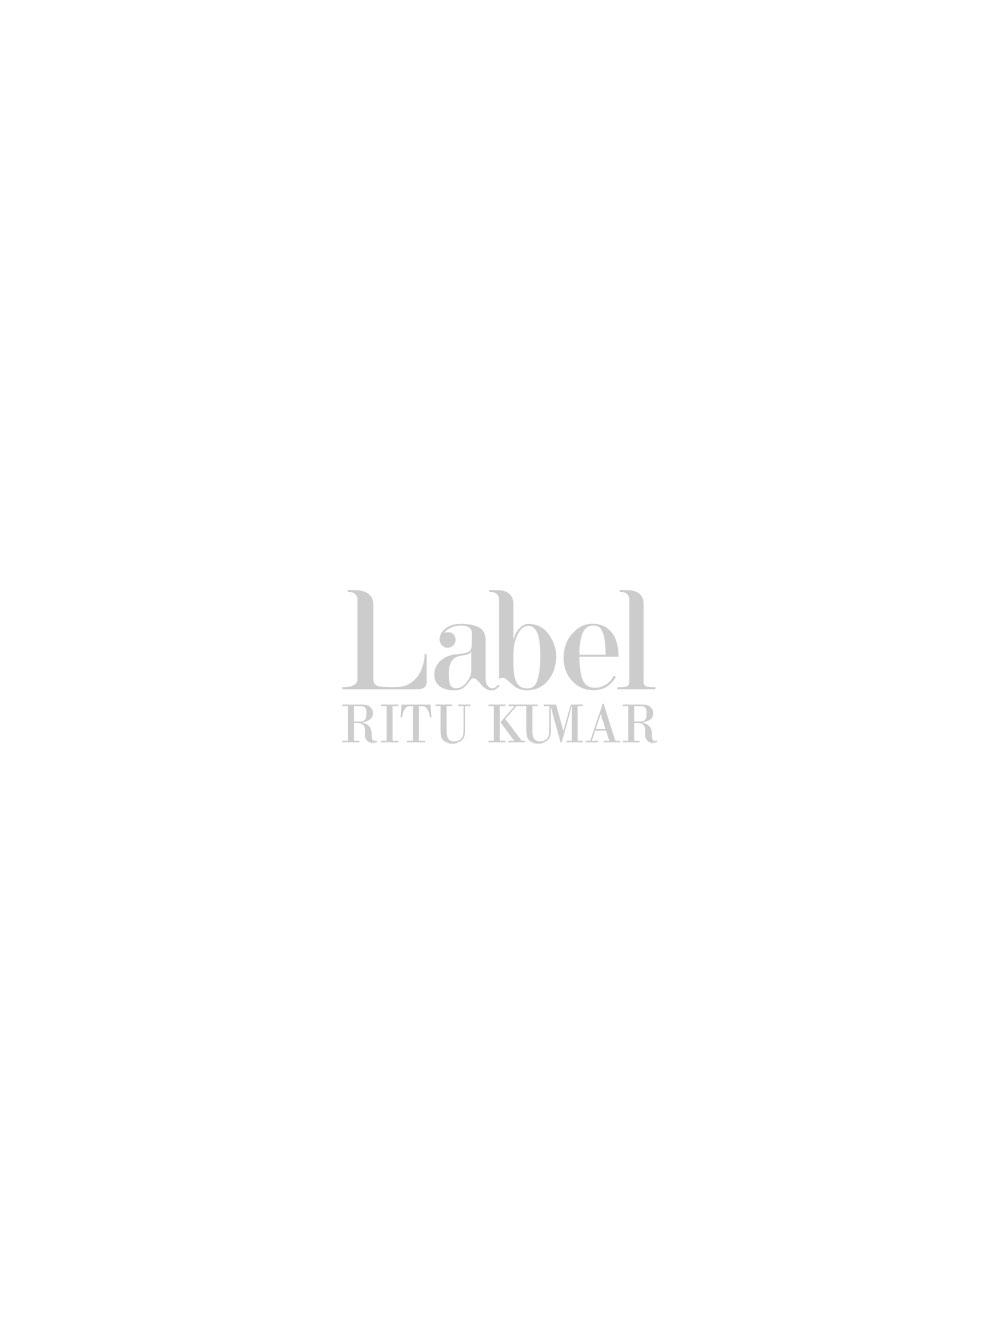 Chitrangada in Designer Long Black Chiffon Dress